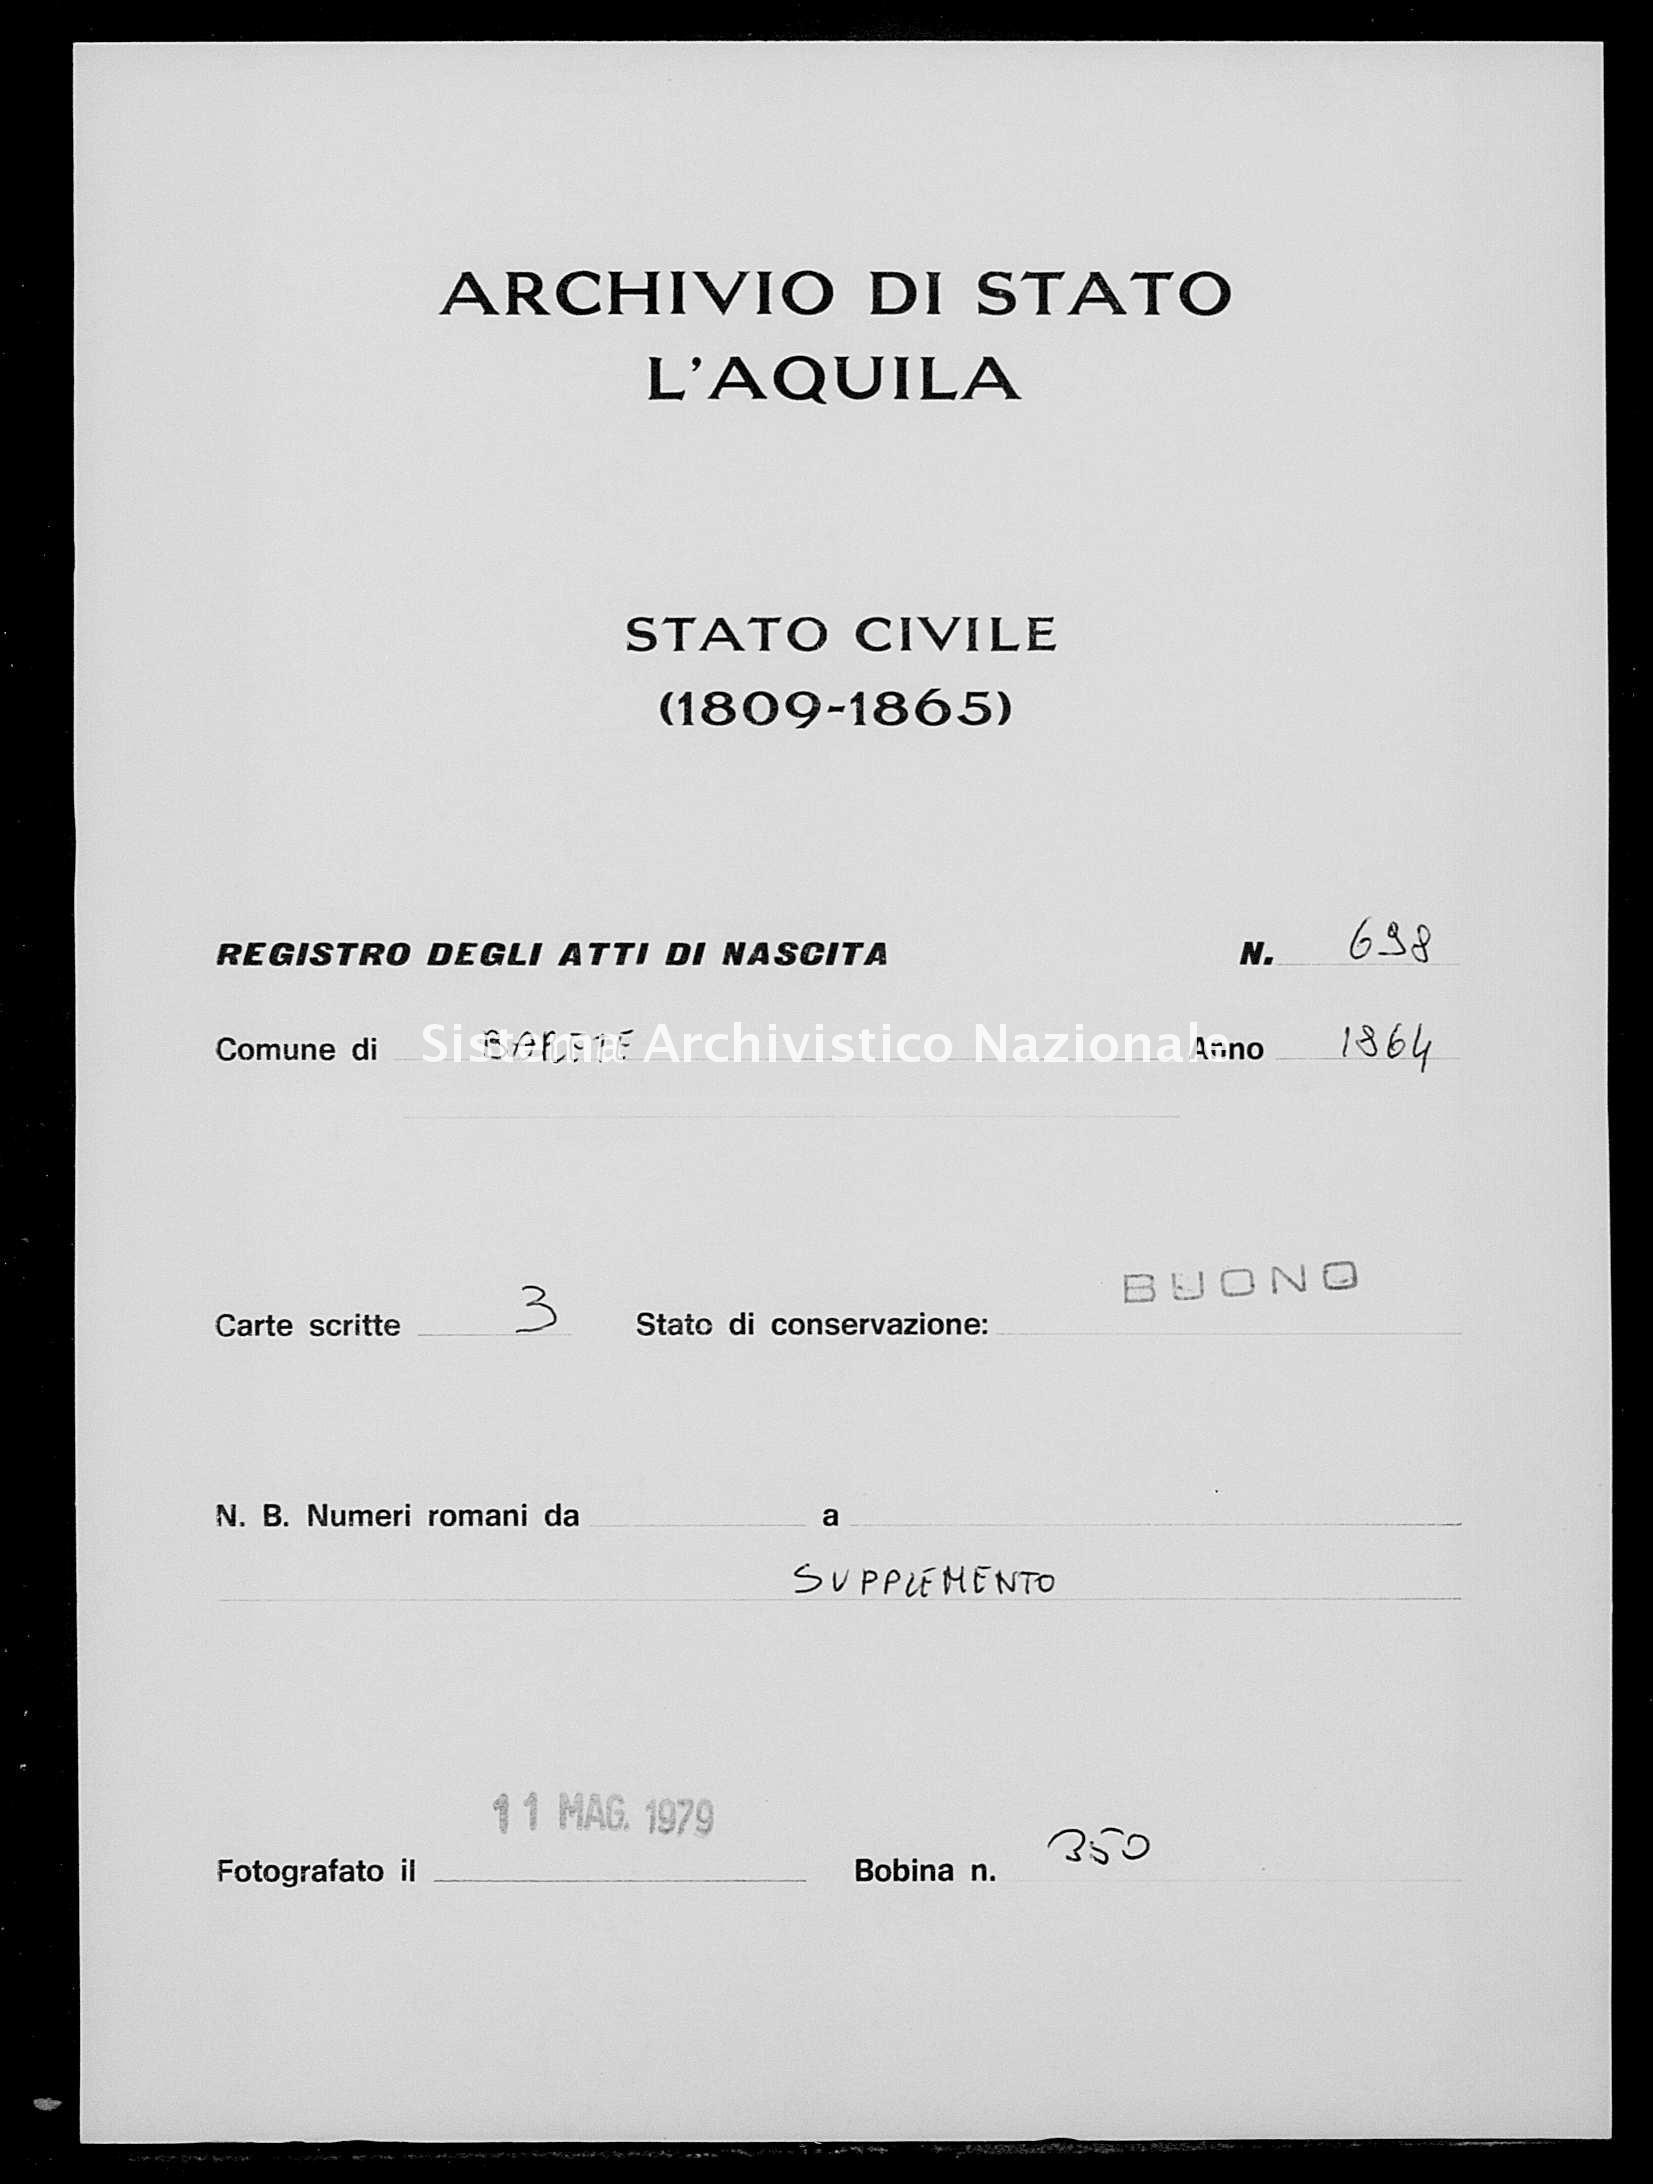 Archivio di stato di L'aquila - Stato civile italiano - Barete - Nati, esposti - 1864 - 698 -